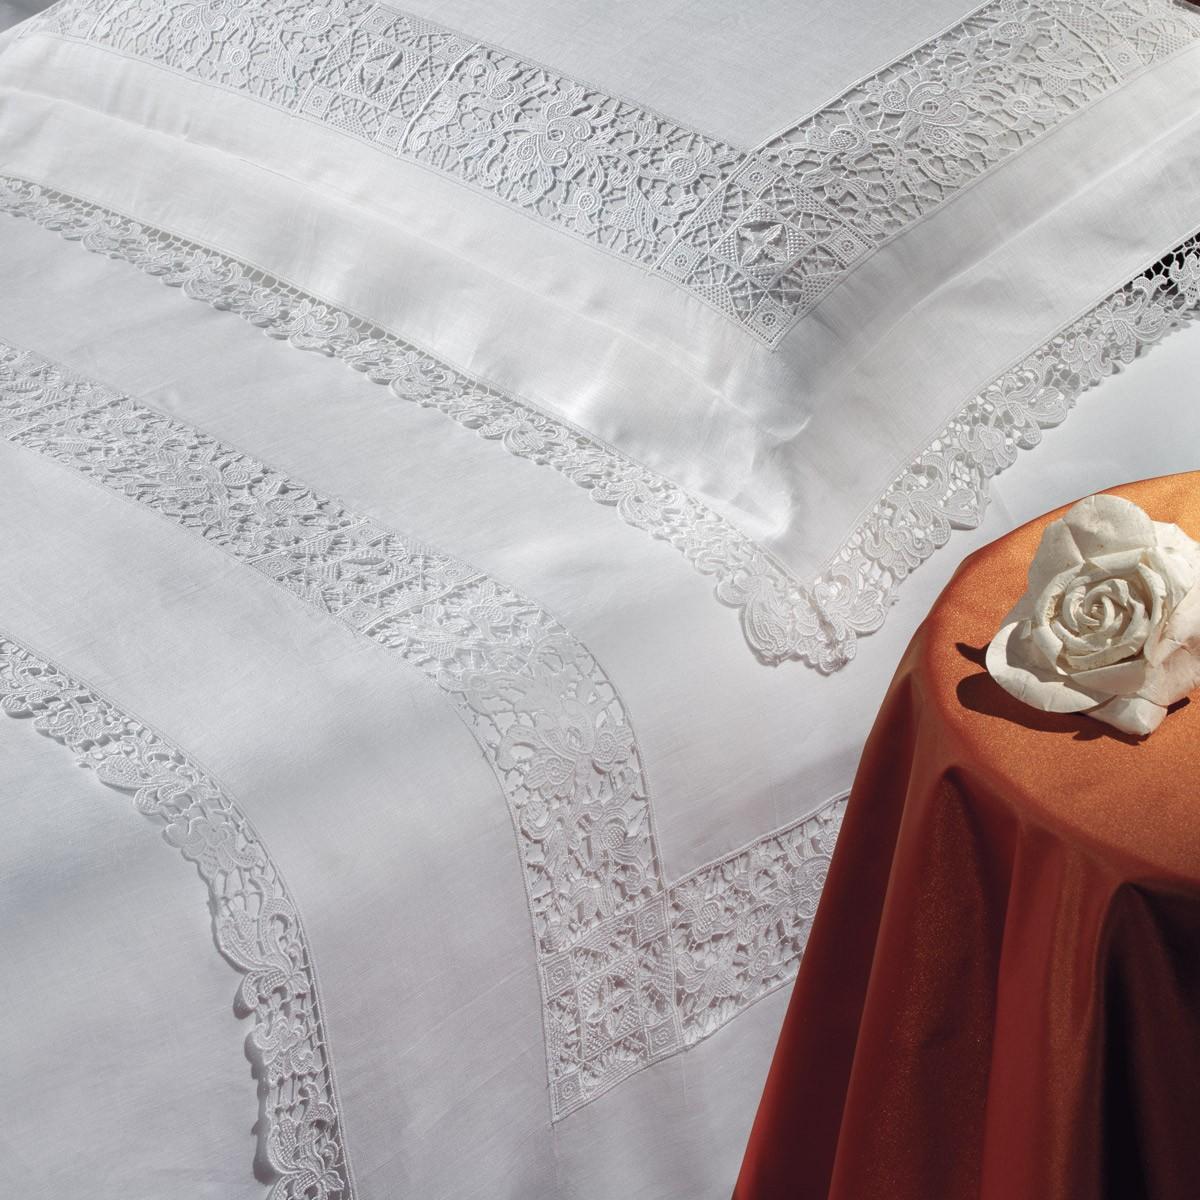 Lenzuola Matrimoniali A Poco Prezzo.Siviglia Arnaldo Caprai Gruppo Tessile